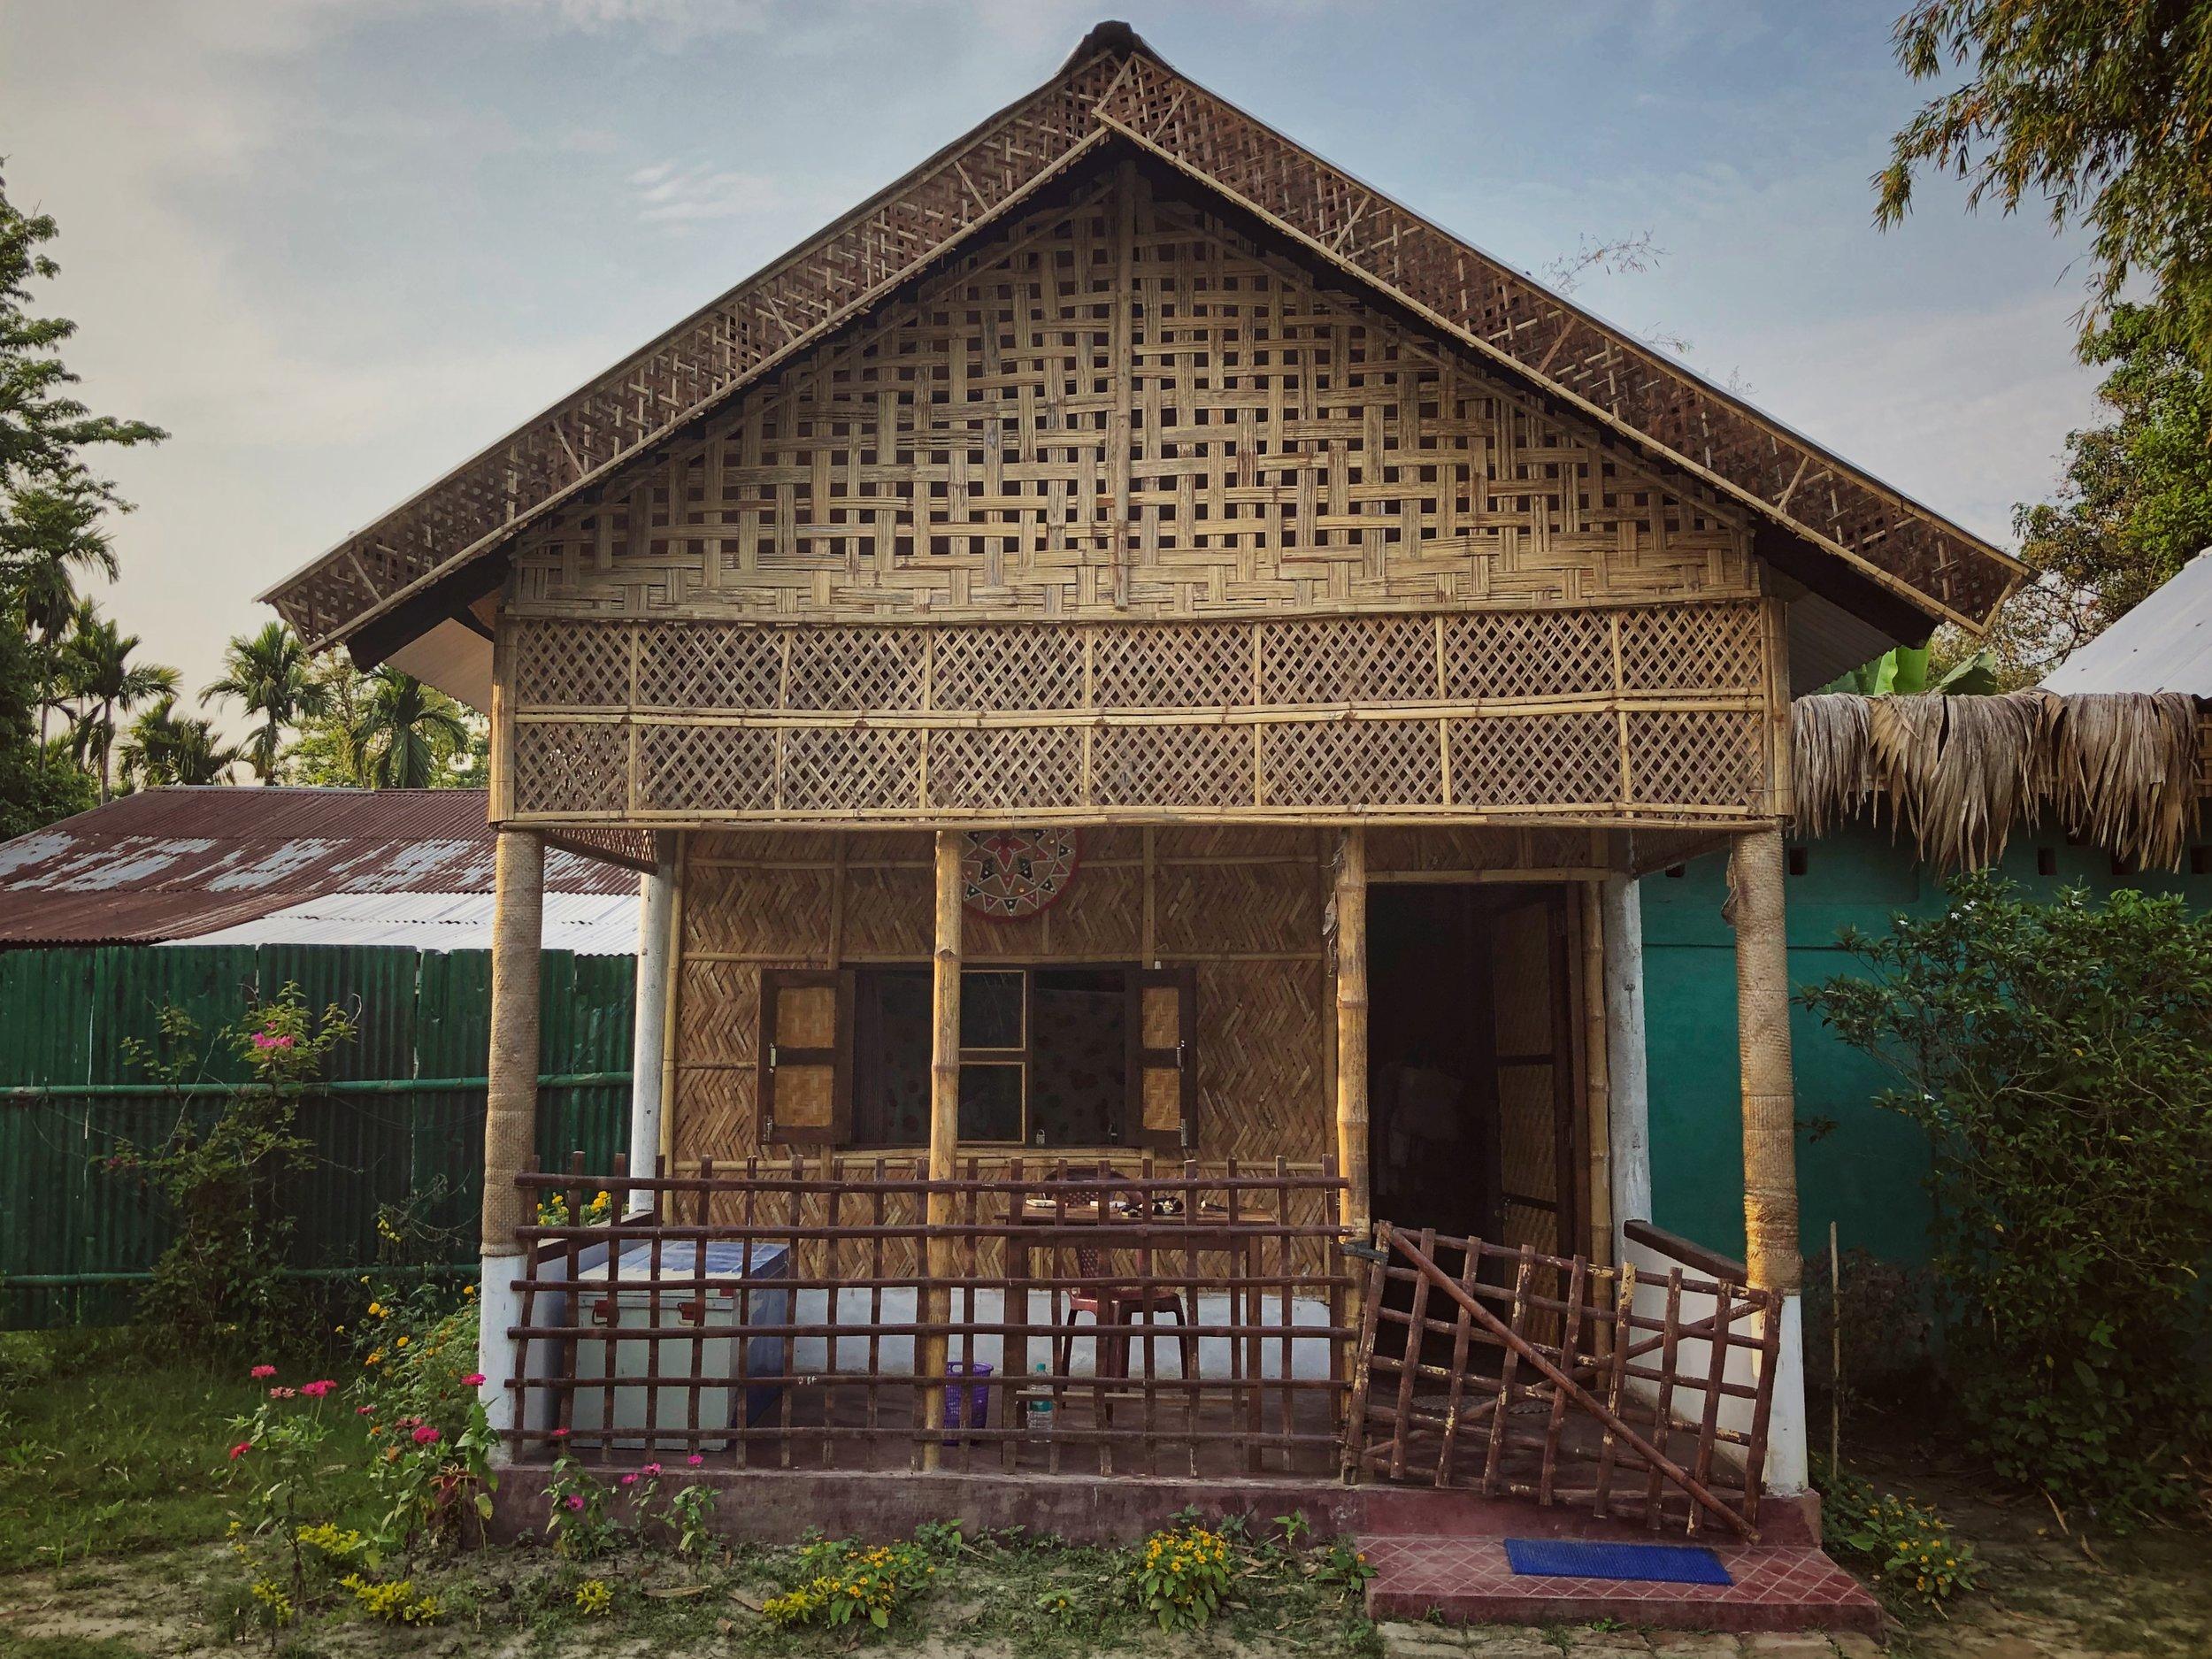 My bamboo bungalow at Jyoti's in Majuli Island